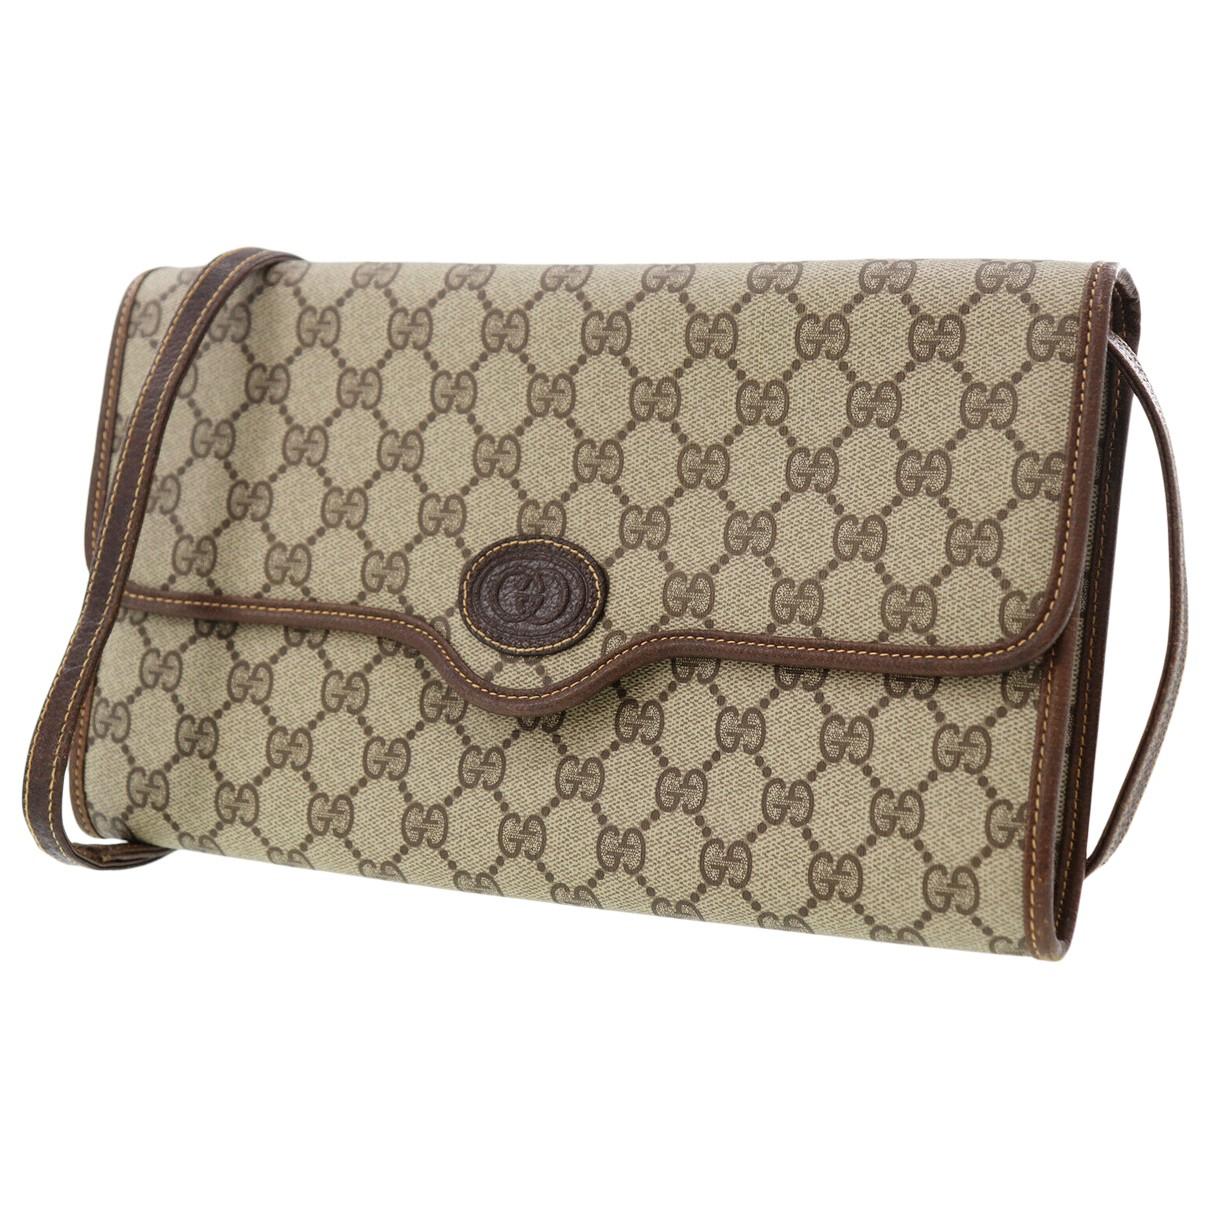 Gucci \N Beige Cloth handbag for Women \N